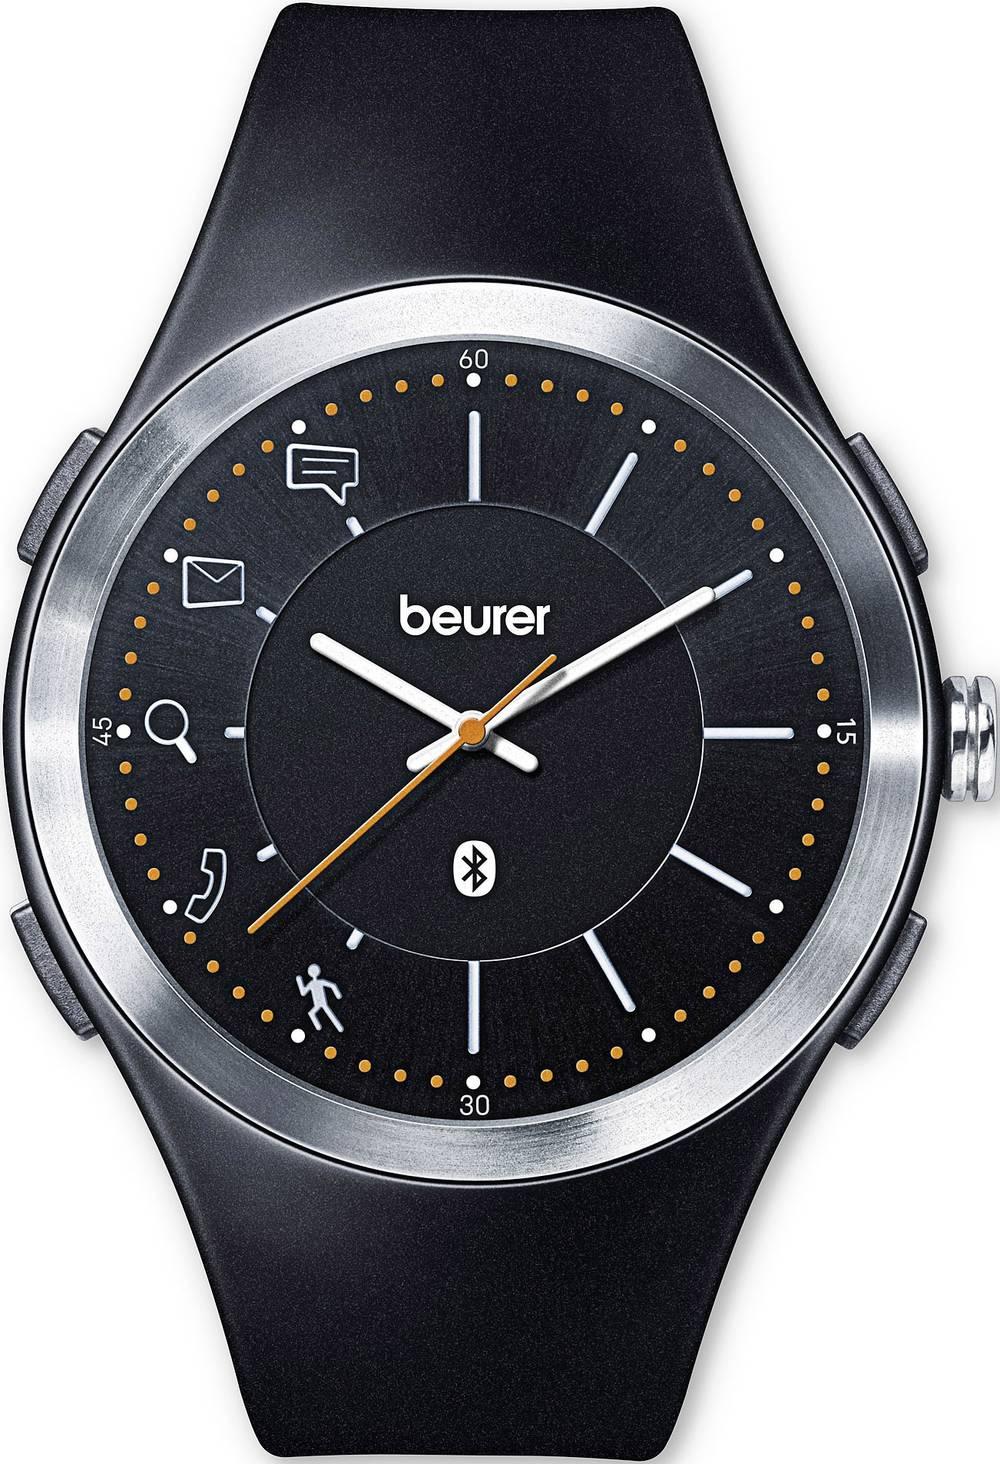 Športna ura Beurer AW 85 Bluetooth črna